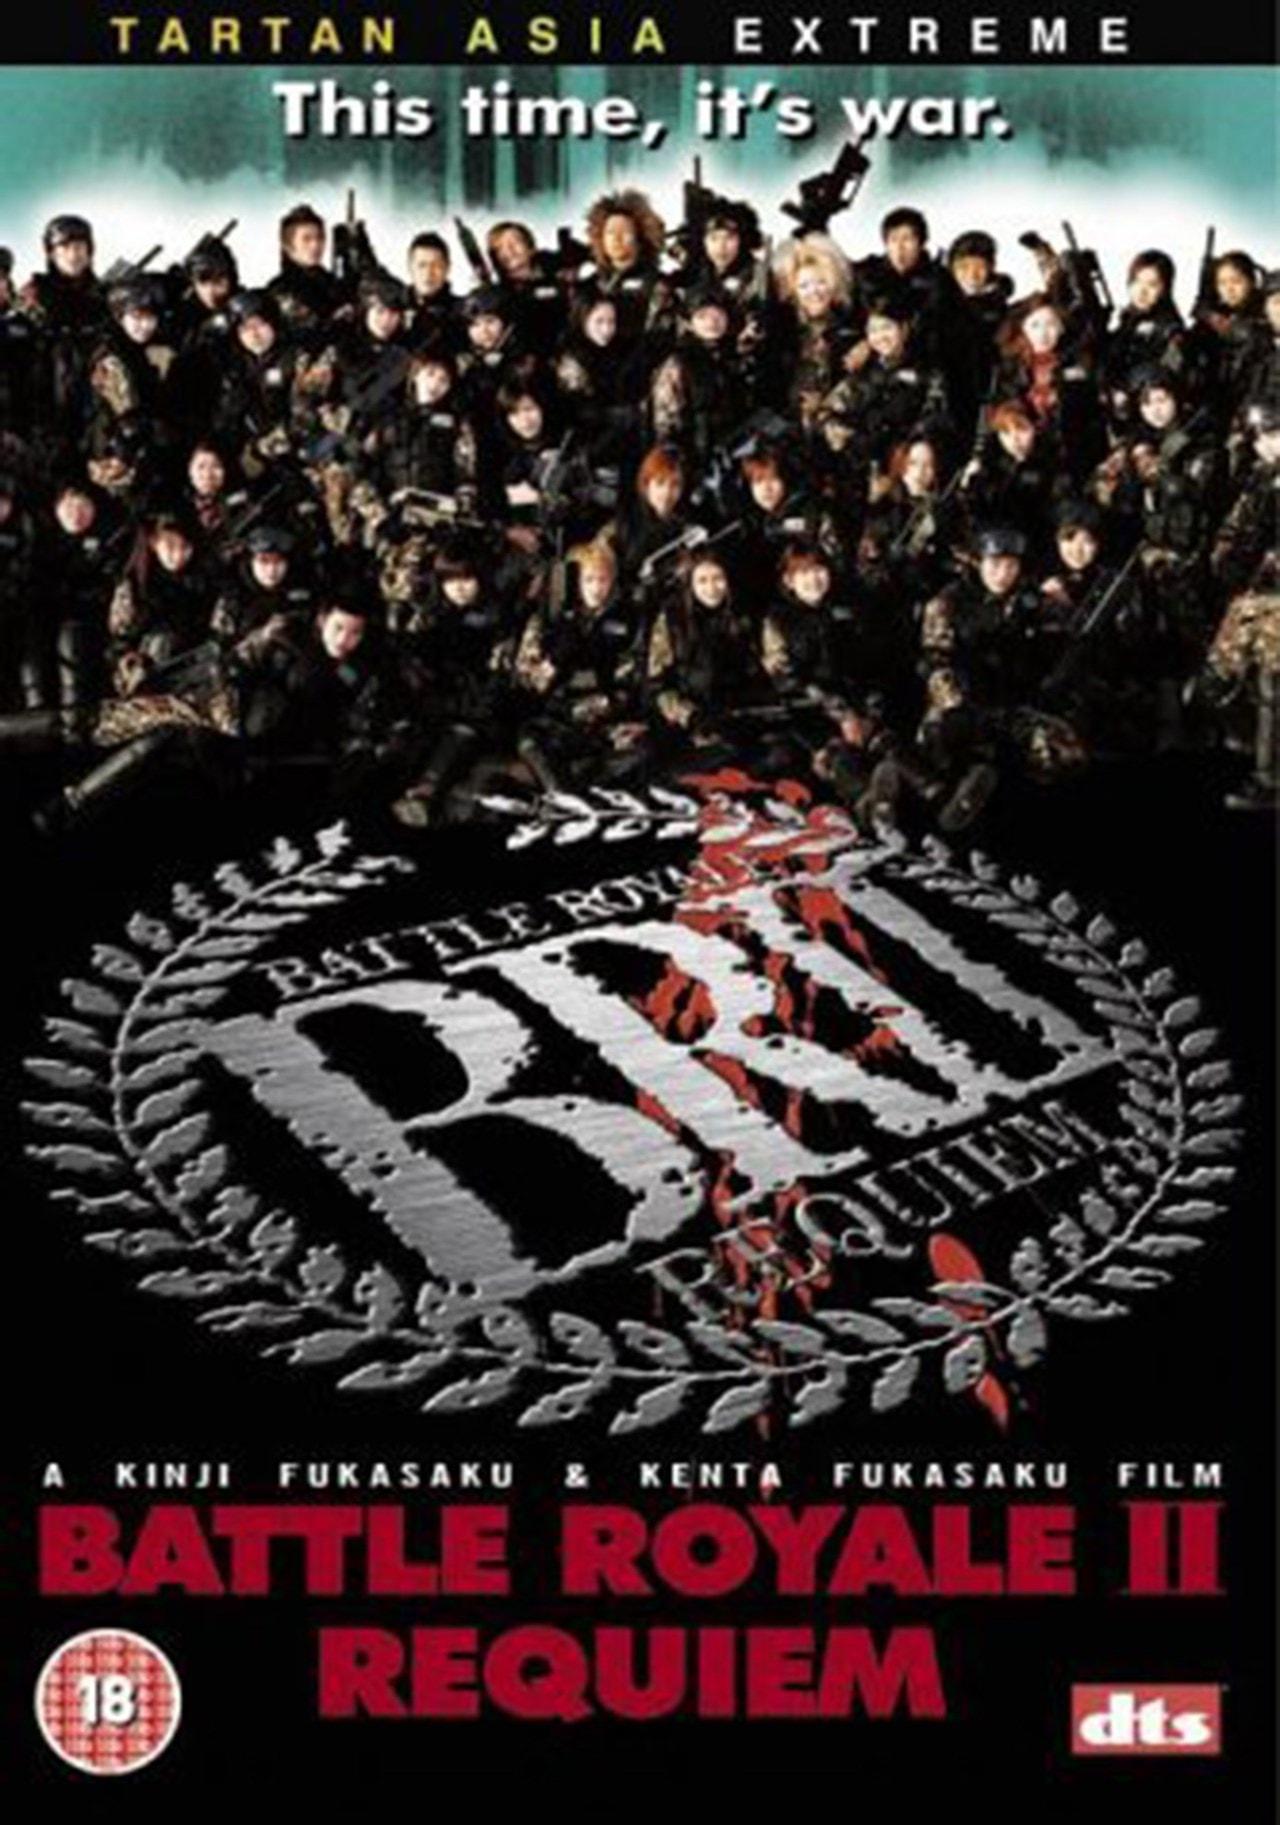 Battle Royale 2 - Requiem - 1